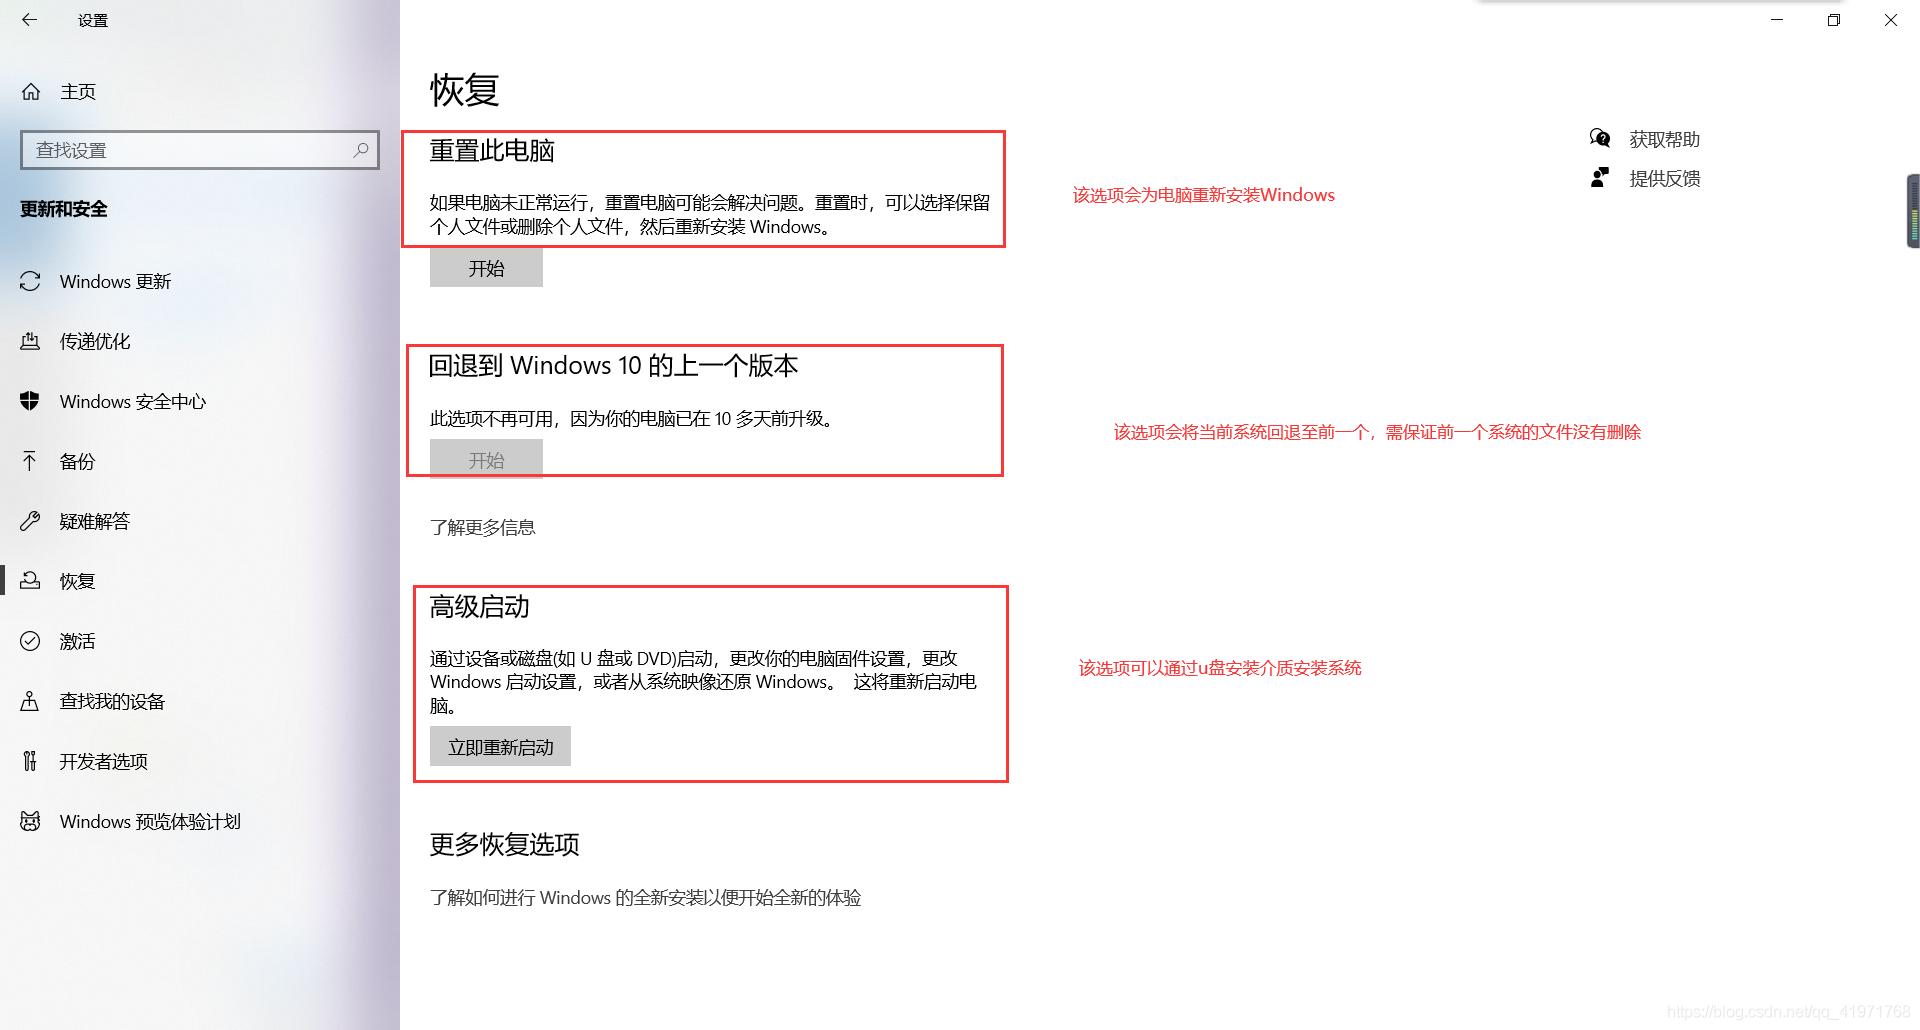 [外链图片转存失败,源站可能有防盗链机制,建议将图片保存下来直接上传(img-SkZQcVpN-1591714306302)(\Windows恢复功能.png)]